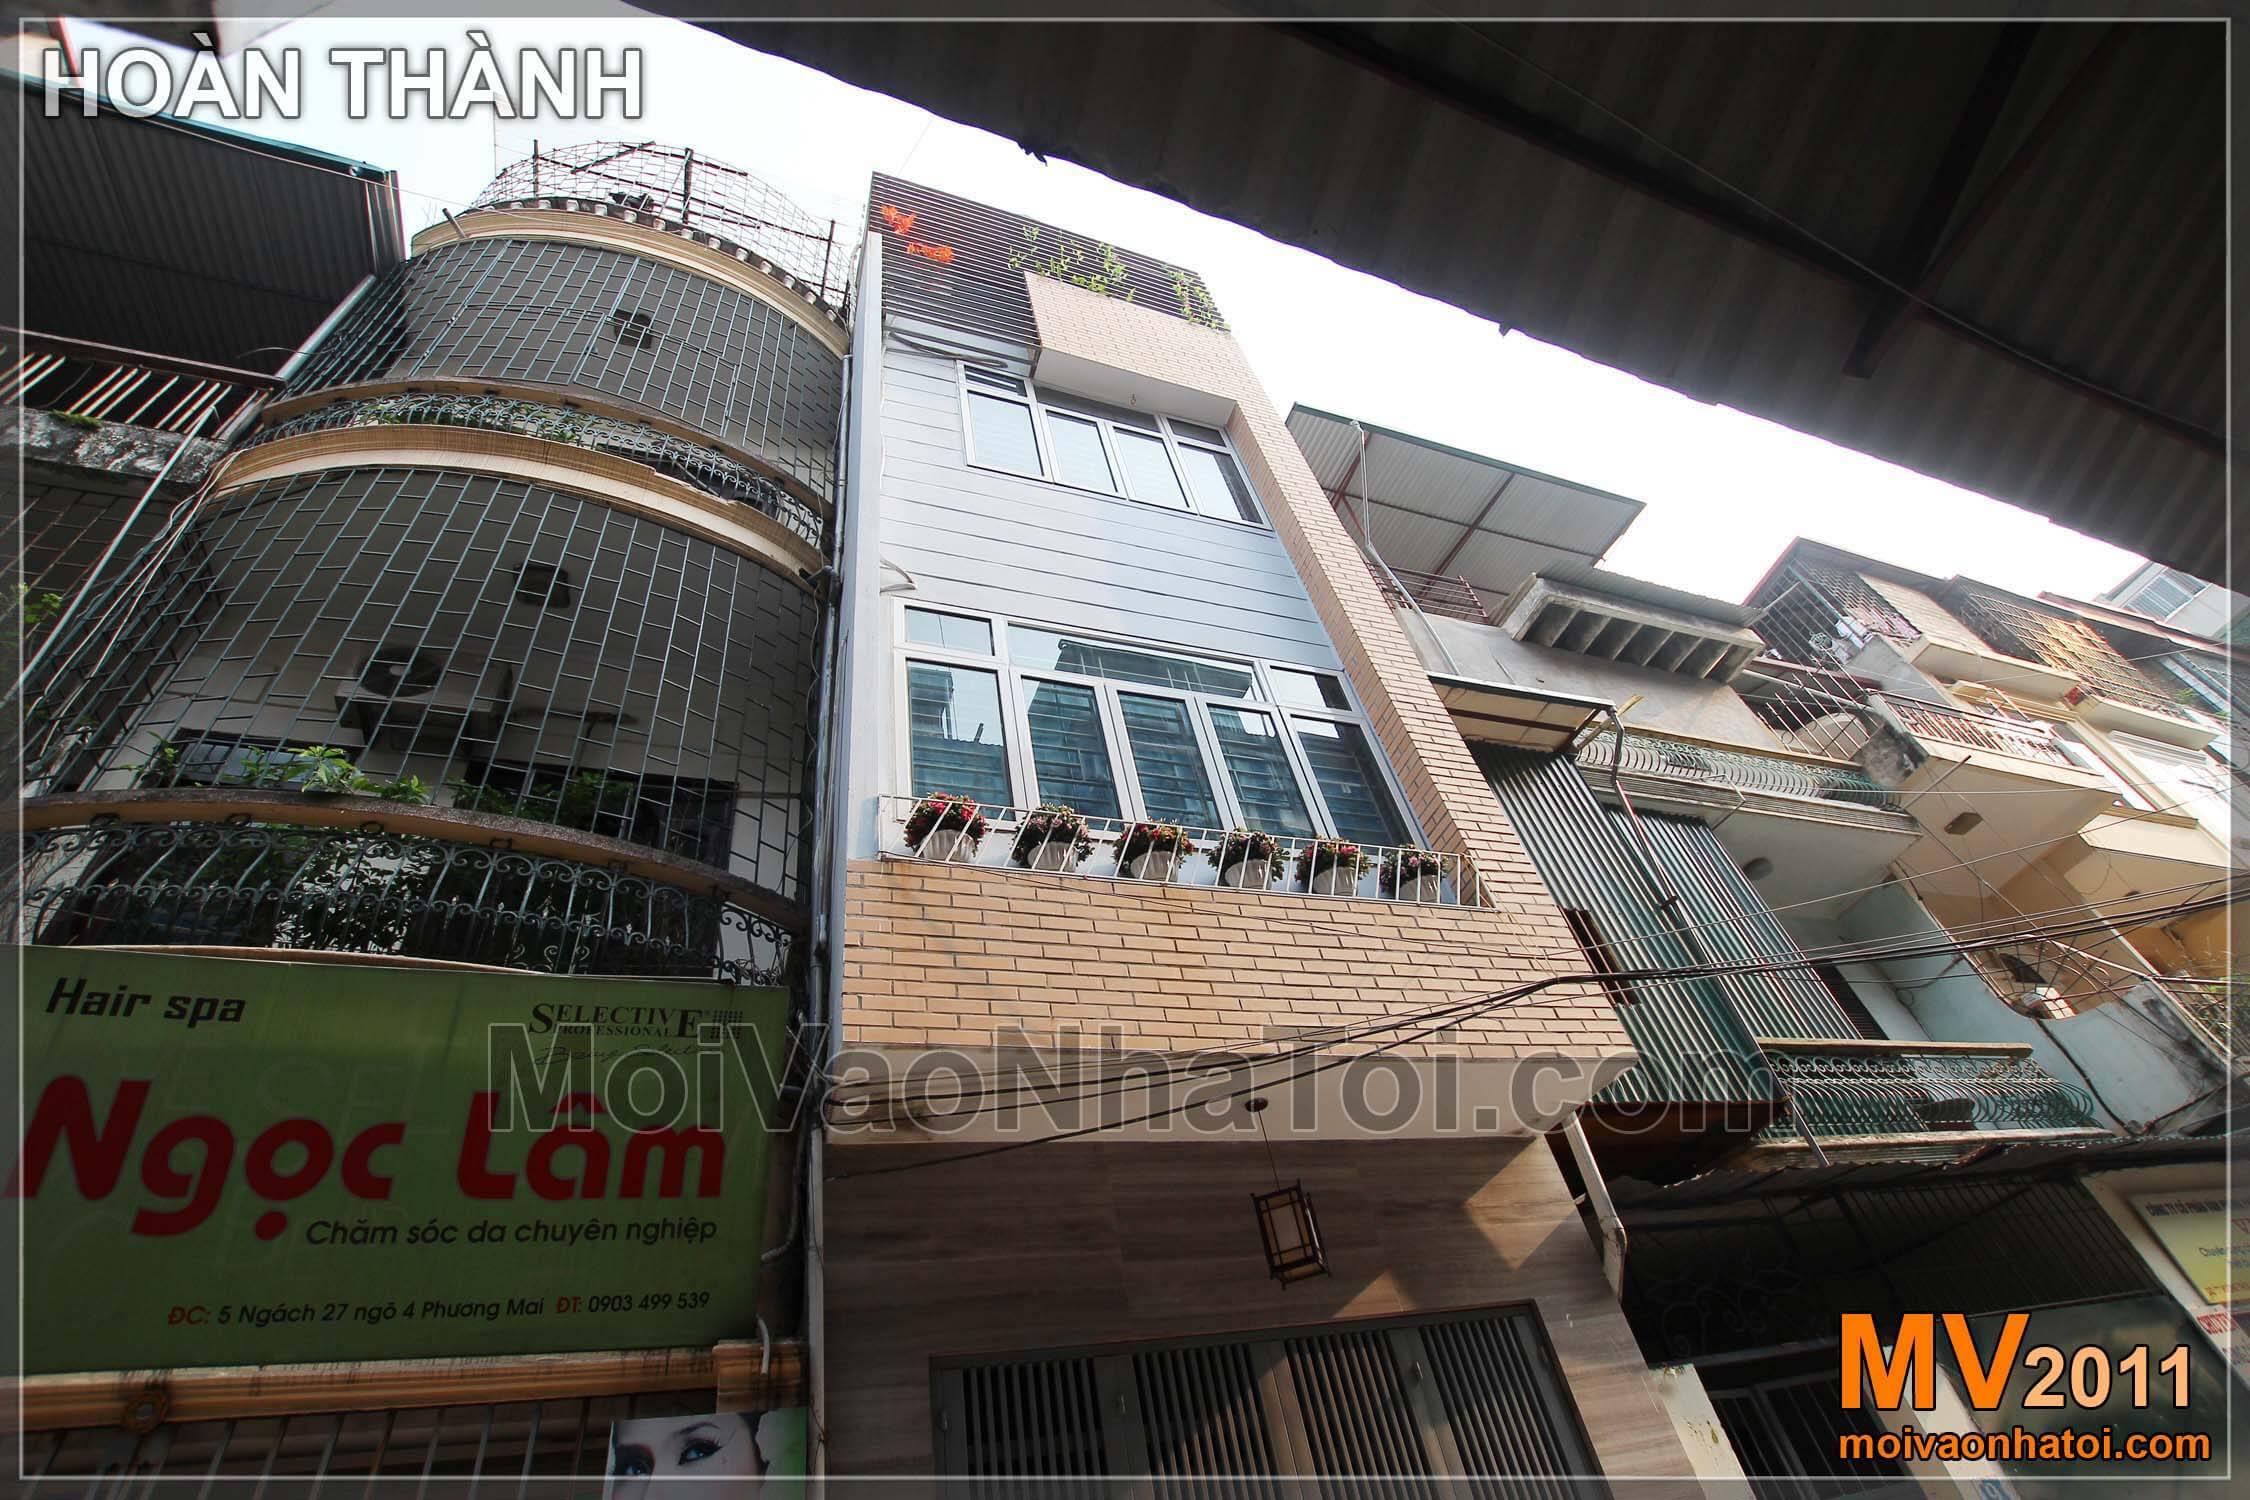 Tổng thể nhà phố 4 tầng sau khi thiết kế và thi công